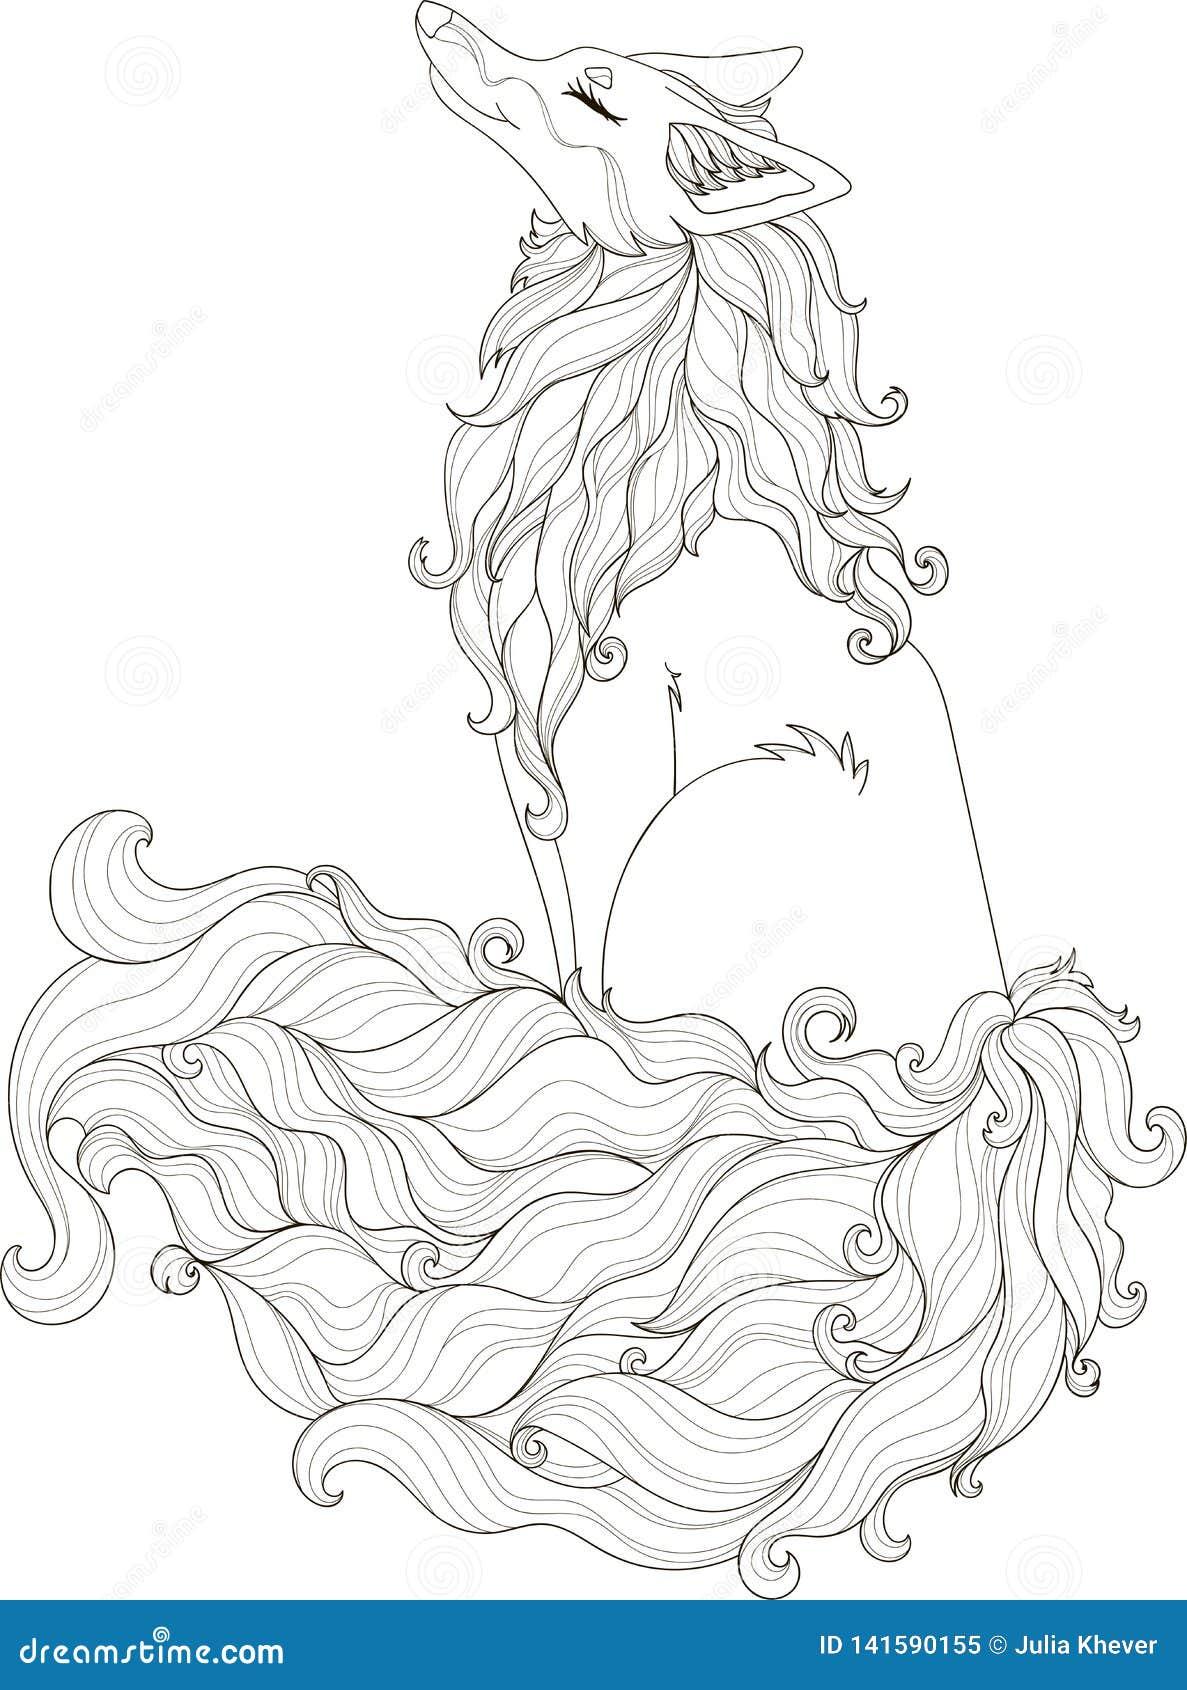 Τυποποιημένη απεικόνιση σγουρού πανούργου στο ύφος σύγχυσης doodle για το χρωματισμό του βιβλίου